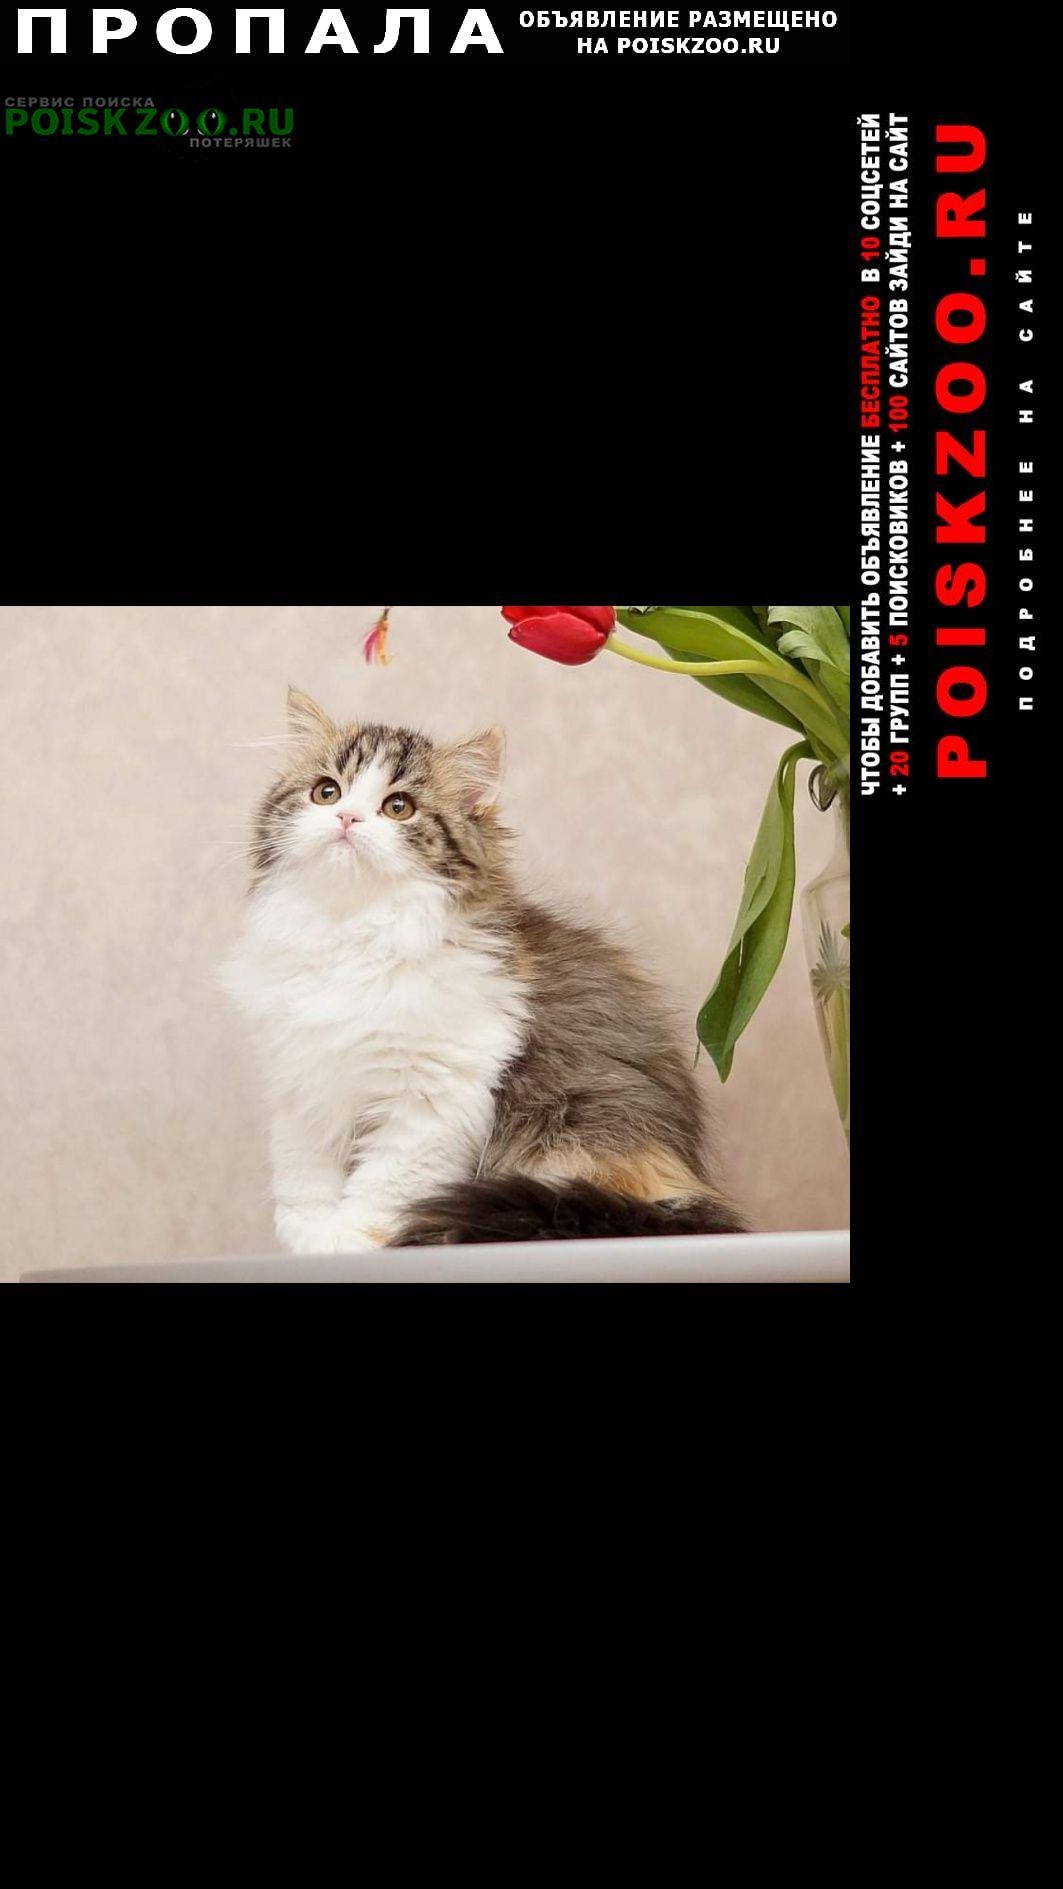 Тверь Пропала кошка возле посёлка химинститута д. 8